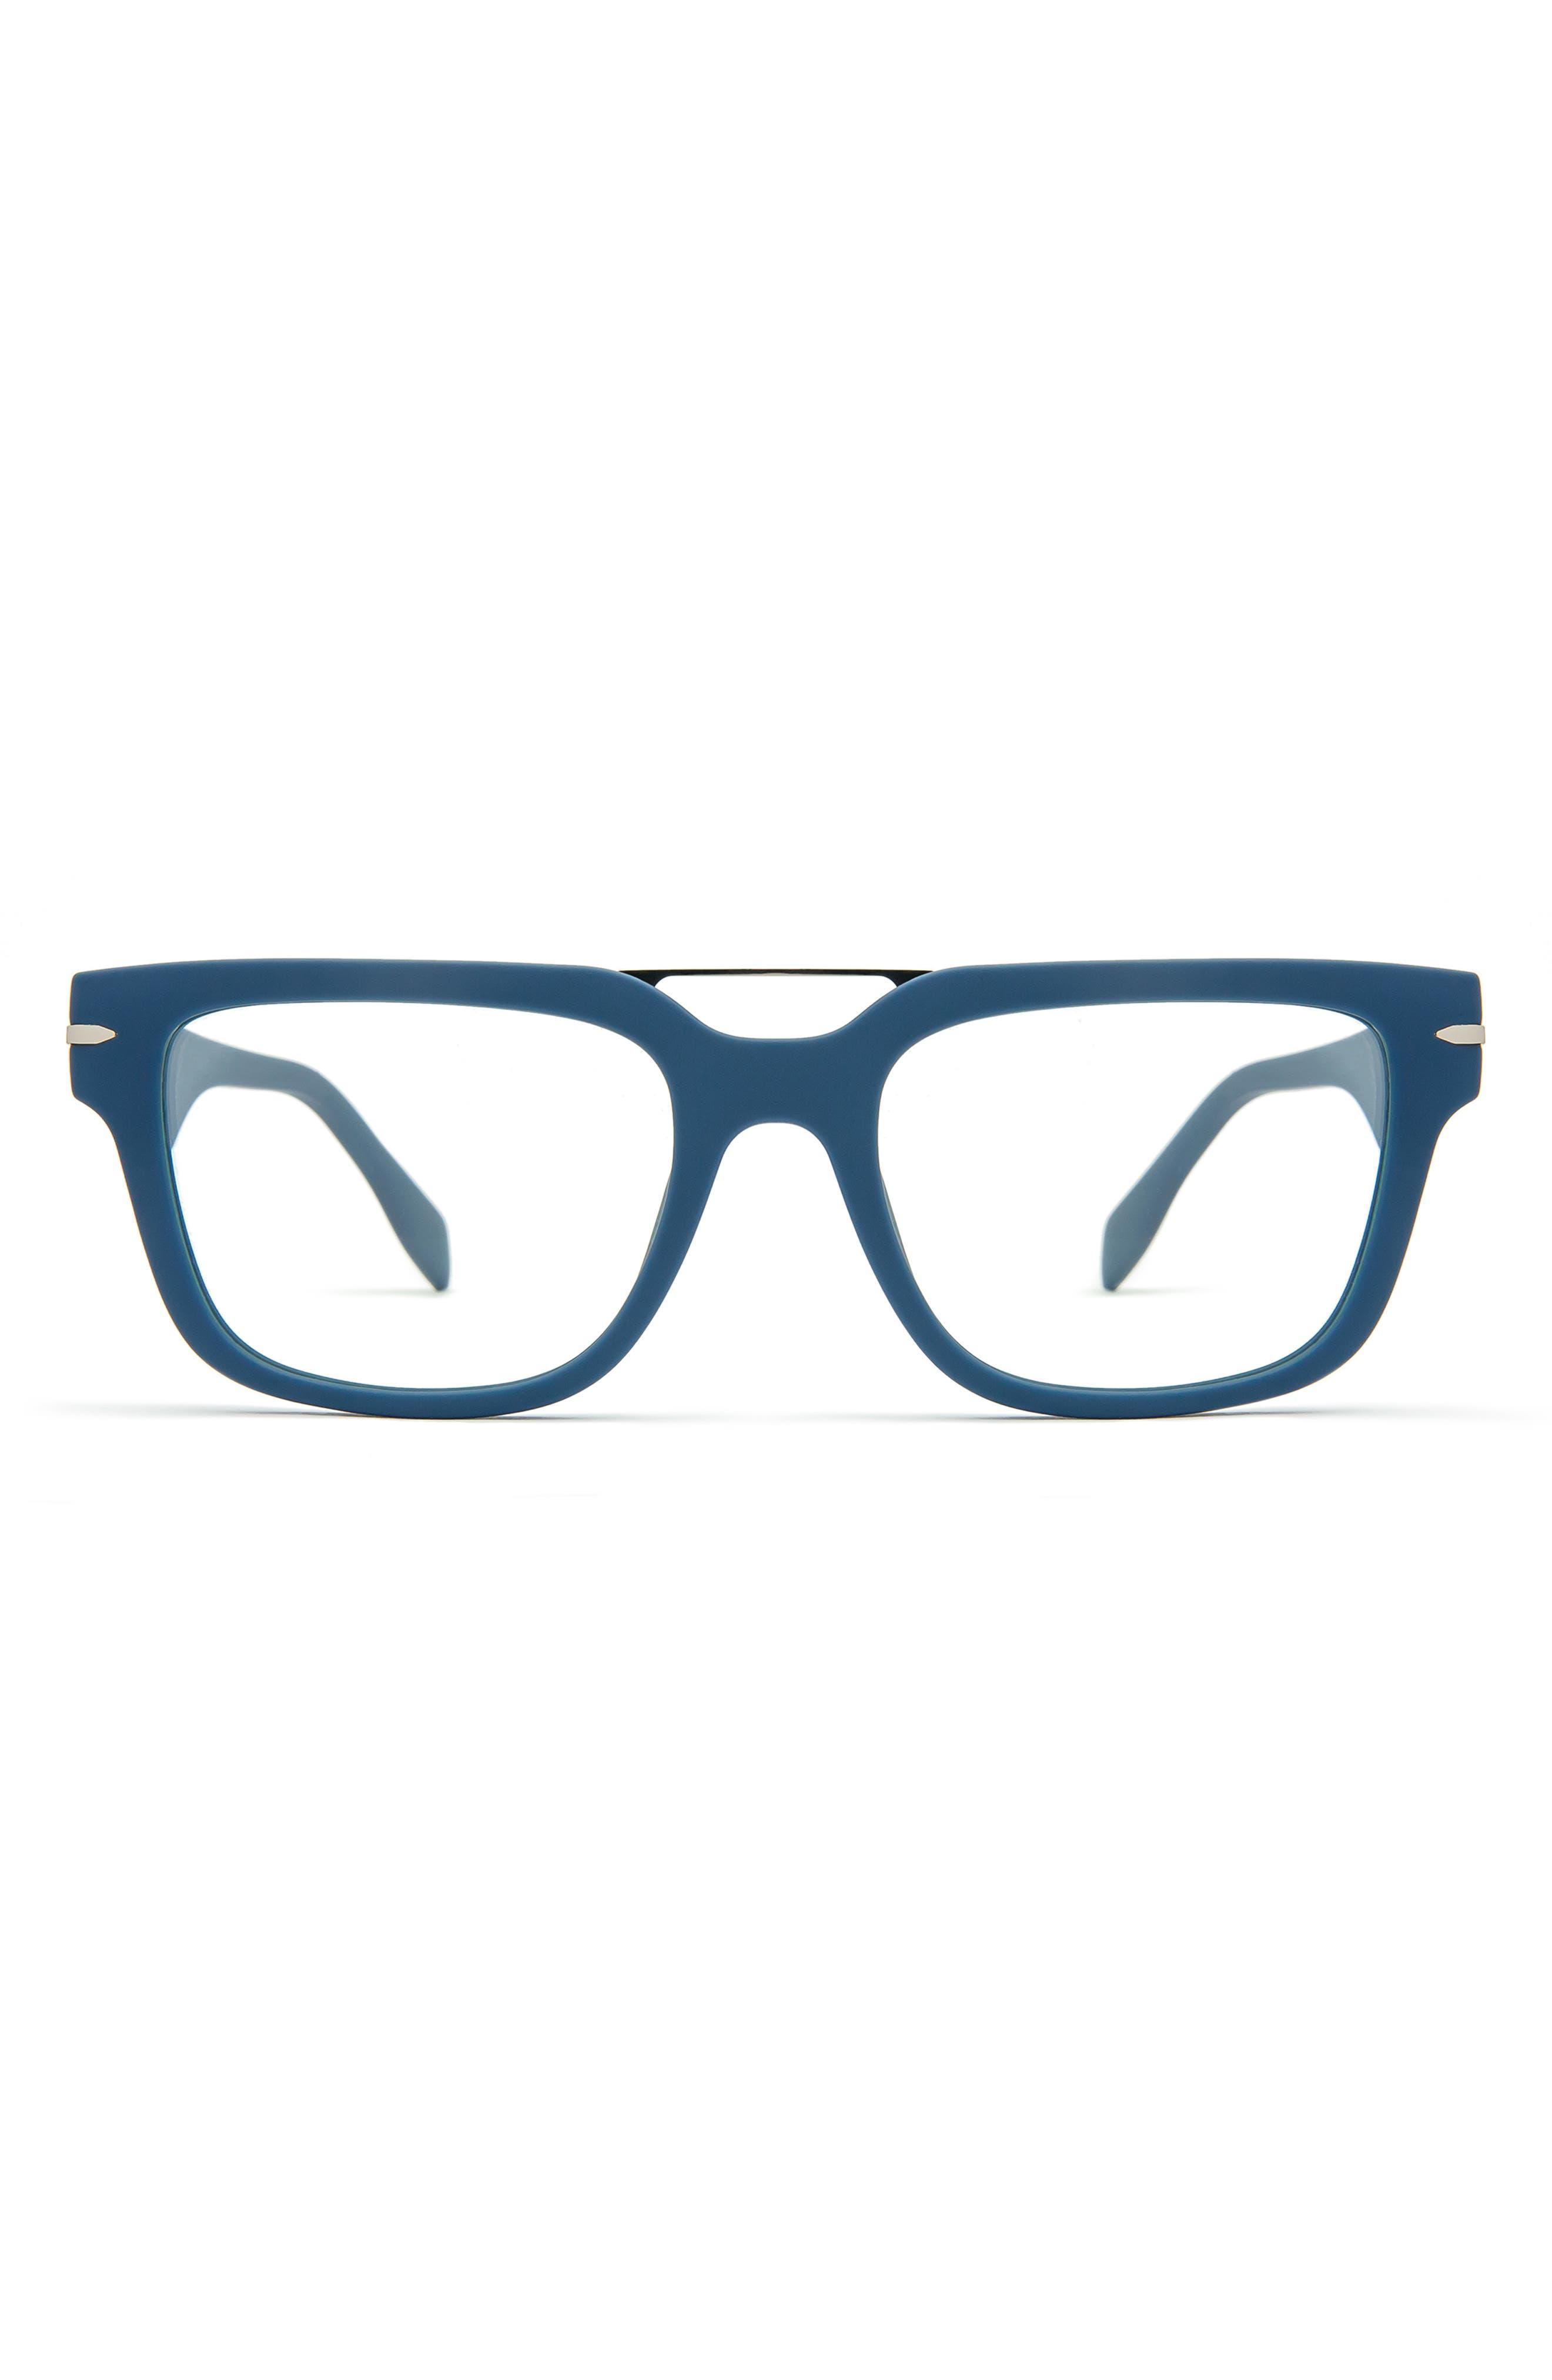 55mm Blue Light Blocking Glasses